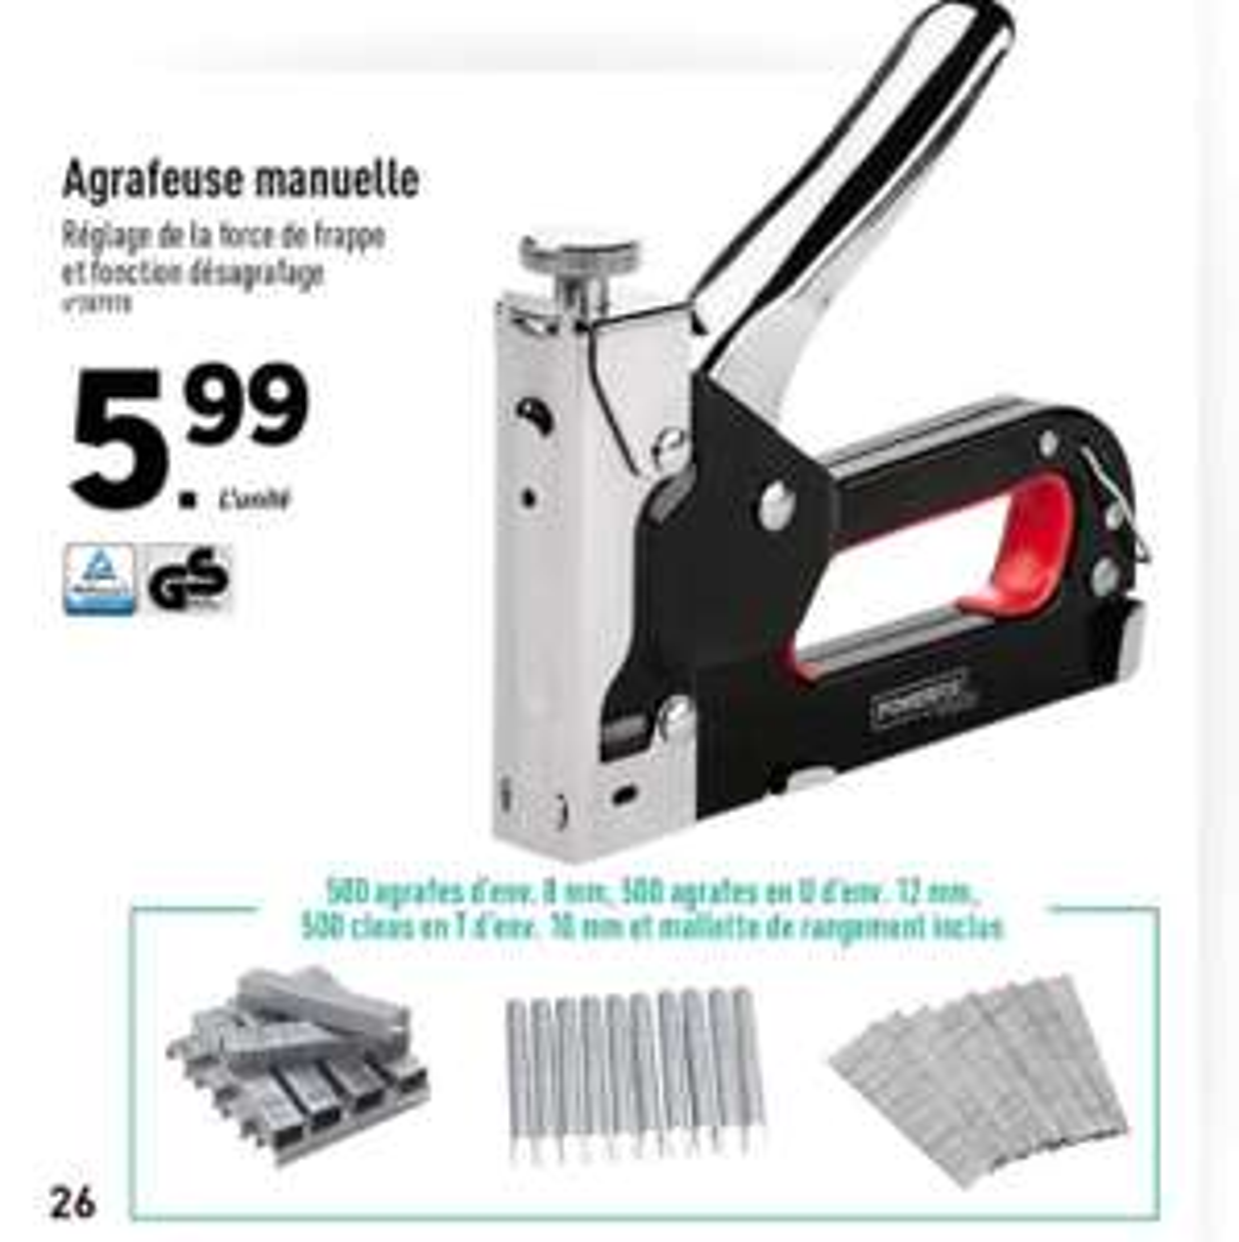 Agrafeuse Manuelle Powerfix + 500 agrafes (8mm) + 500 agrafes en U (12mm) + 500 clous en T (10mm)